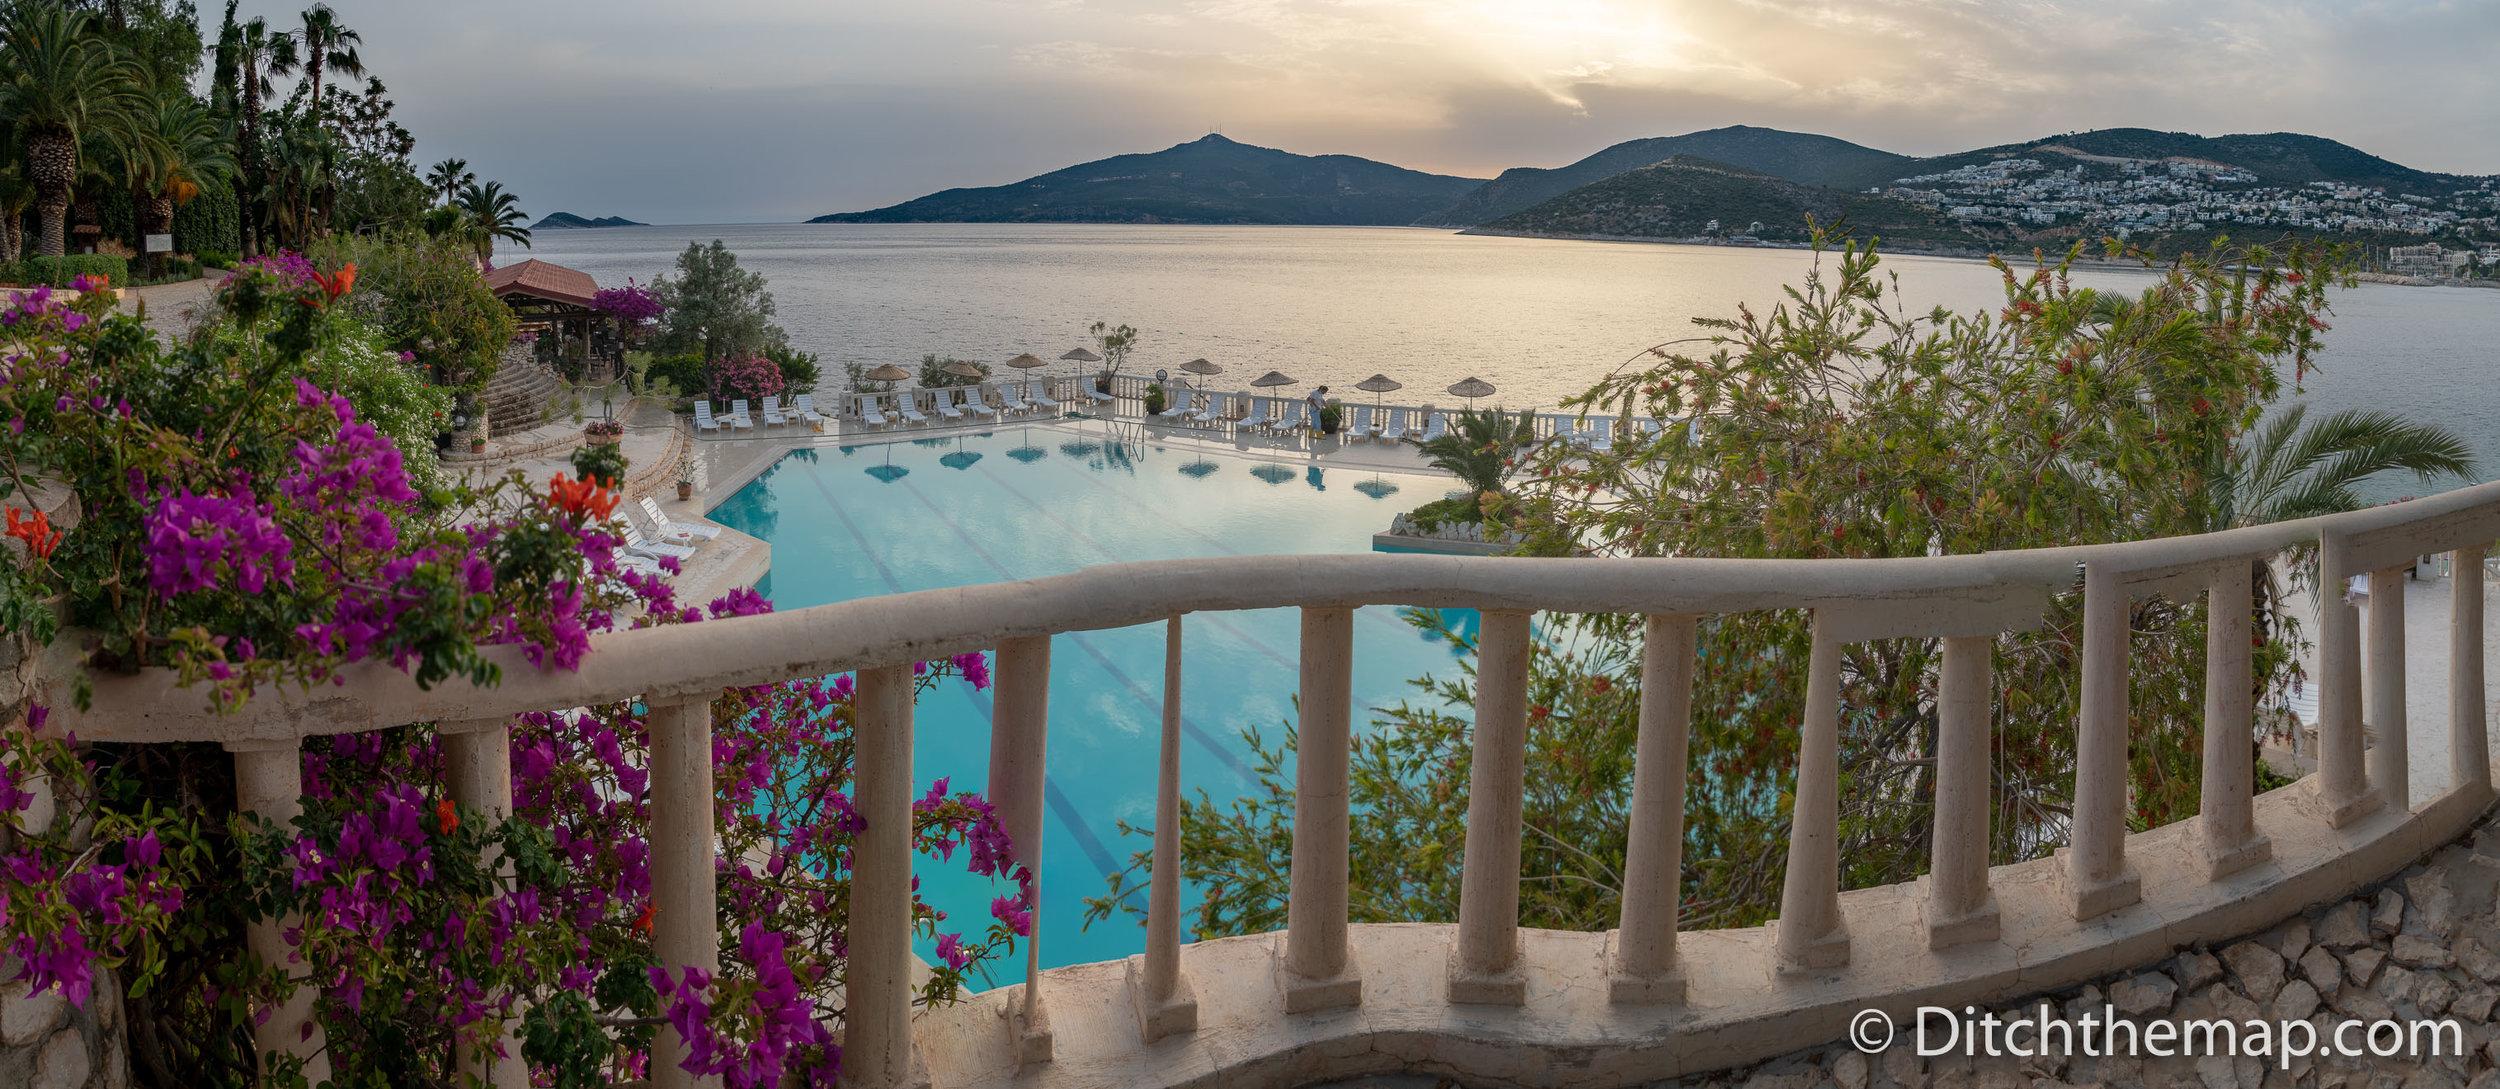 Views From Our Resort in Kalkan, Turkey